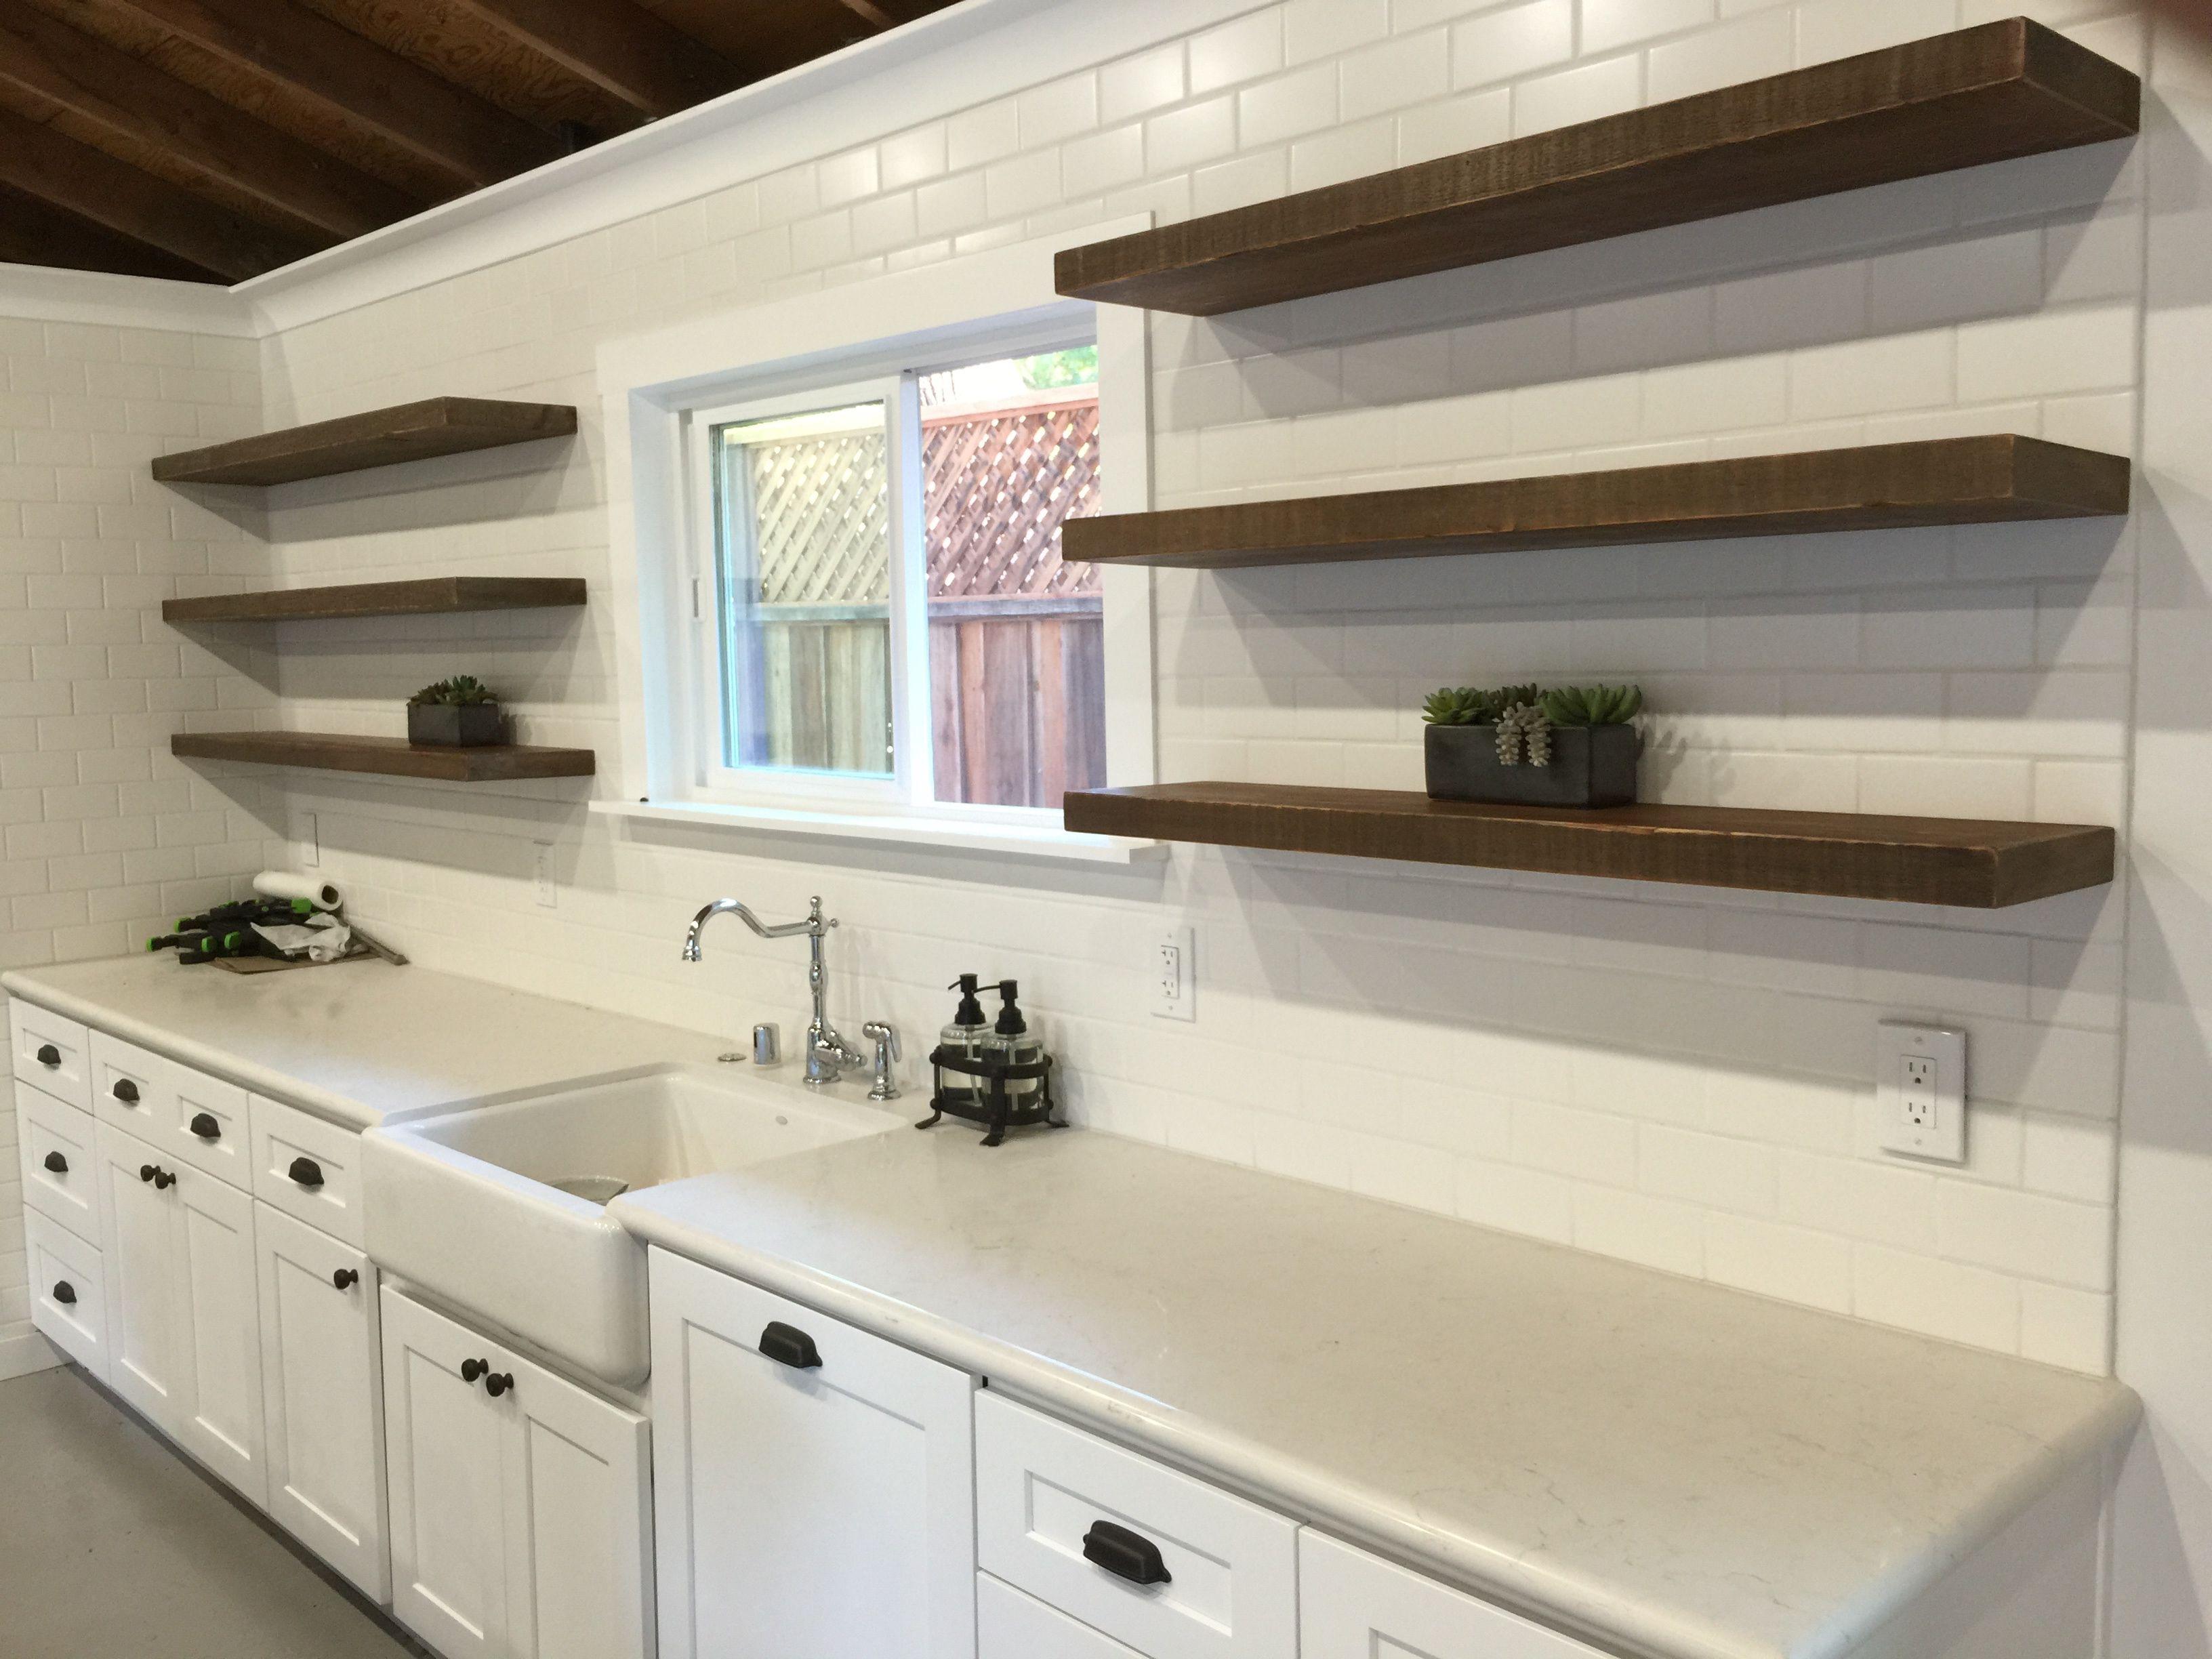 interchangeable floating shelves alex slarve kitchen on floating shelves kitchen id=61083